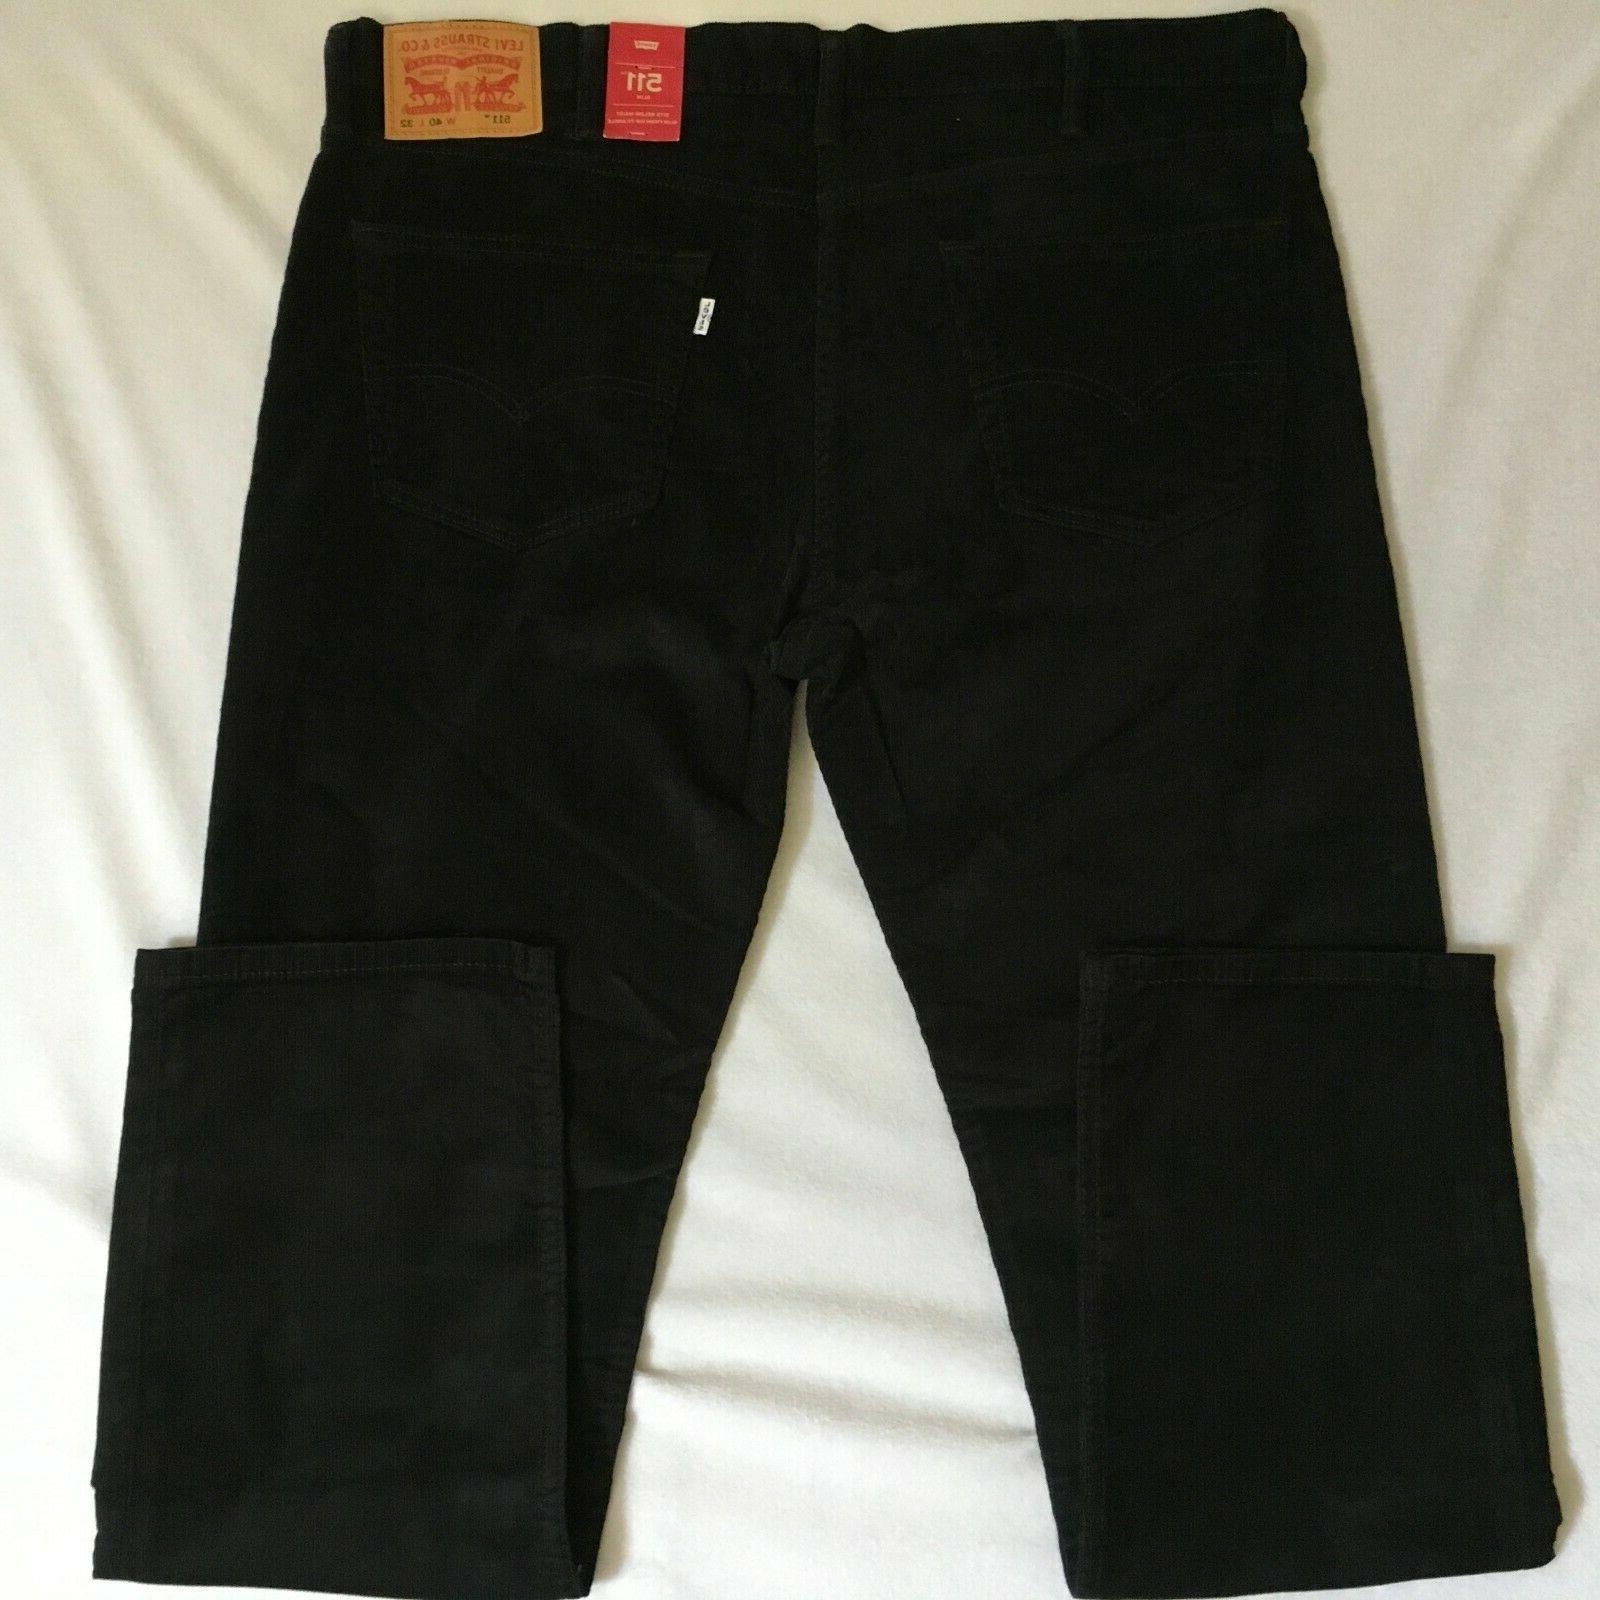 Levis Fit Black Pants NWT $69.50